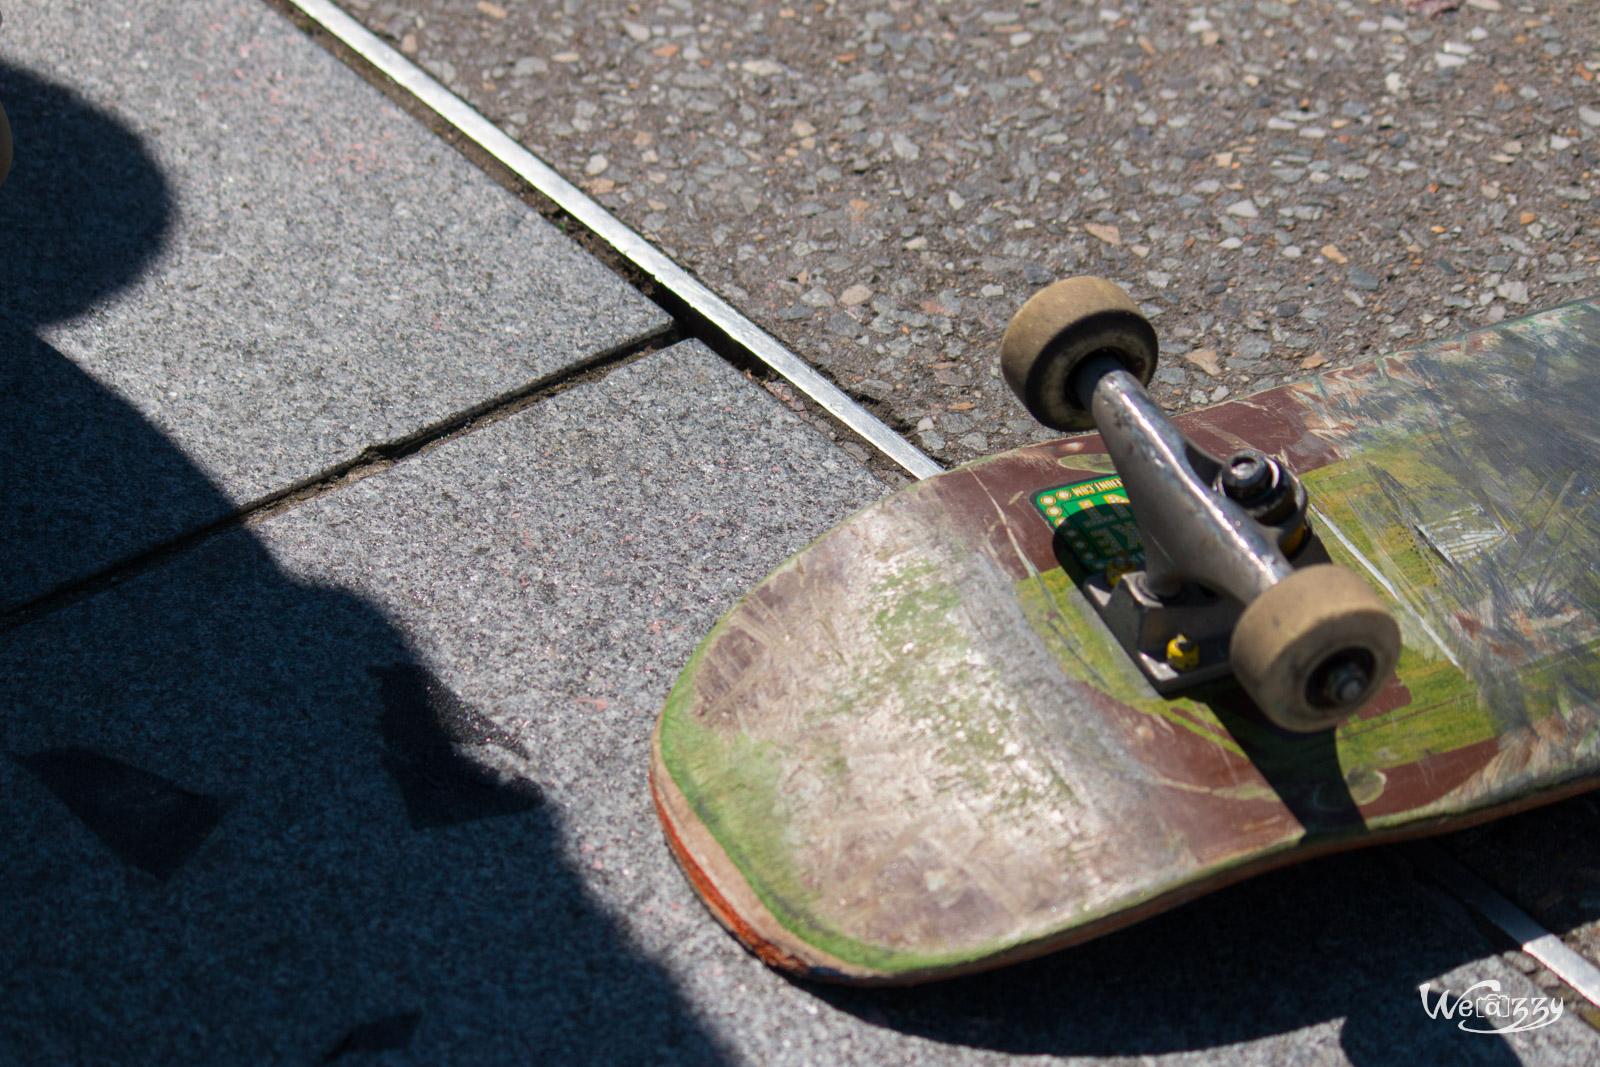 Planche et bitume, session skate à Nantes